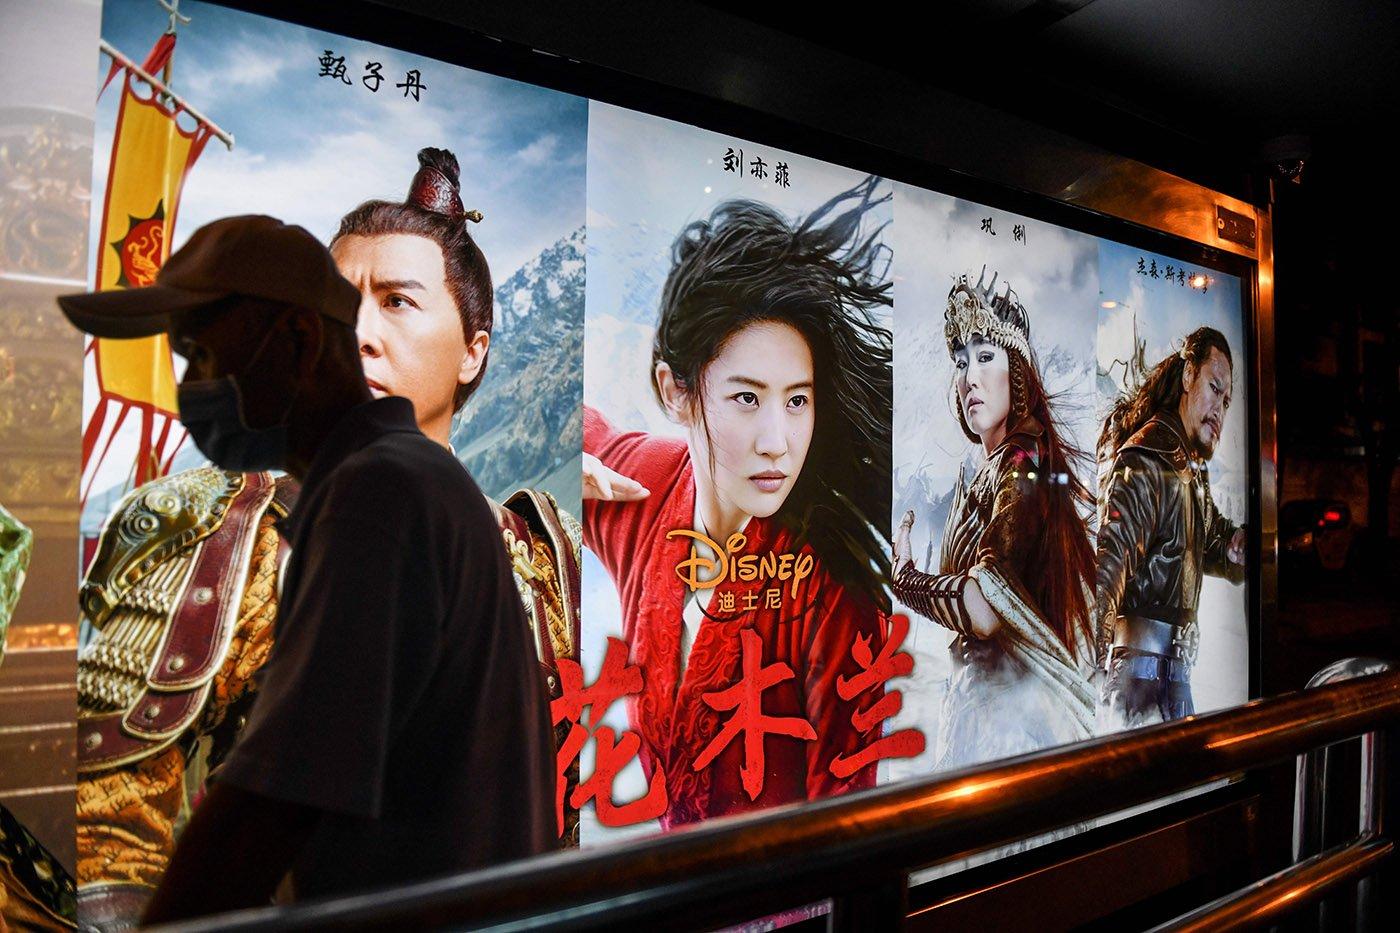 《花木蘭》在三天拿下了超過1.5億人民幣(約2200萬美元)票房。